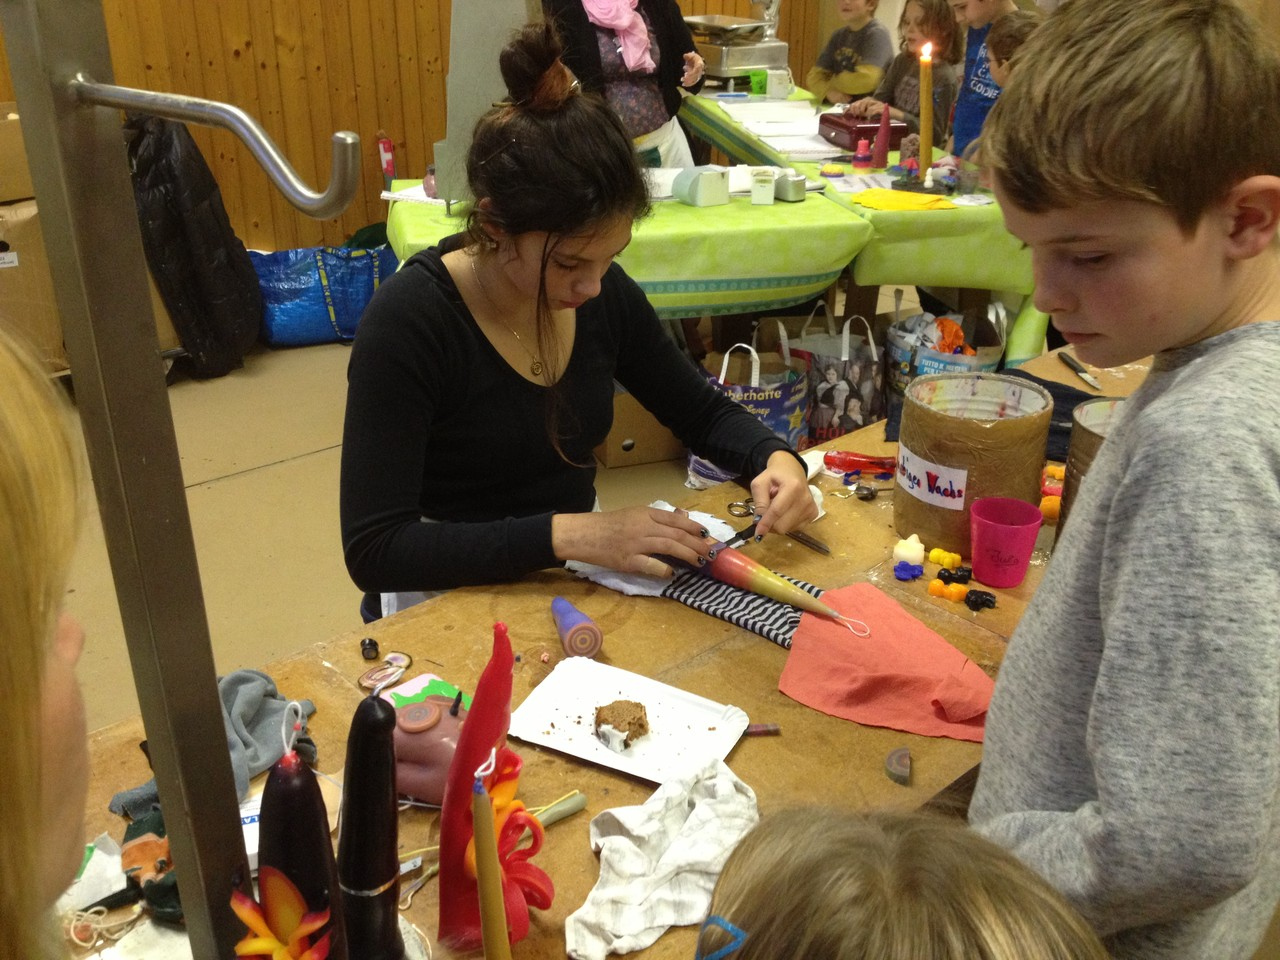 Fachkundige Hilfe erwartet die Besucherinnen und Besucher am Tisch der Kerzen-Schnitzerinnen.